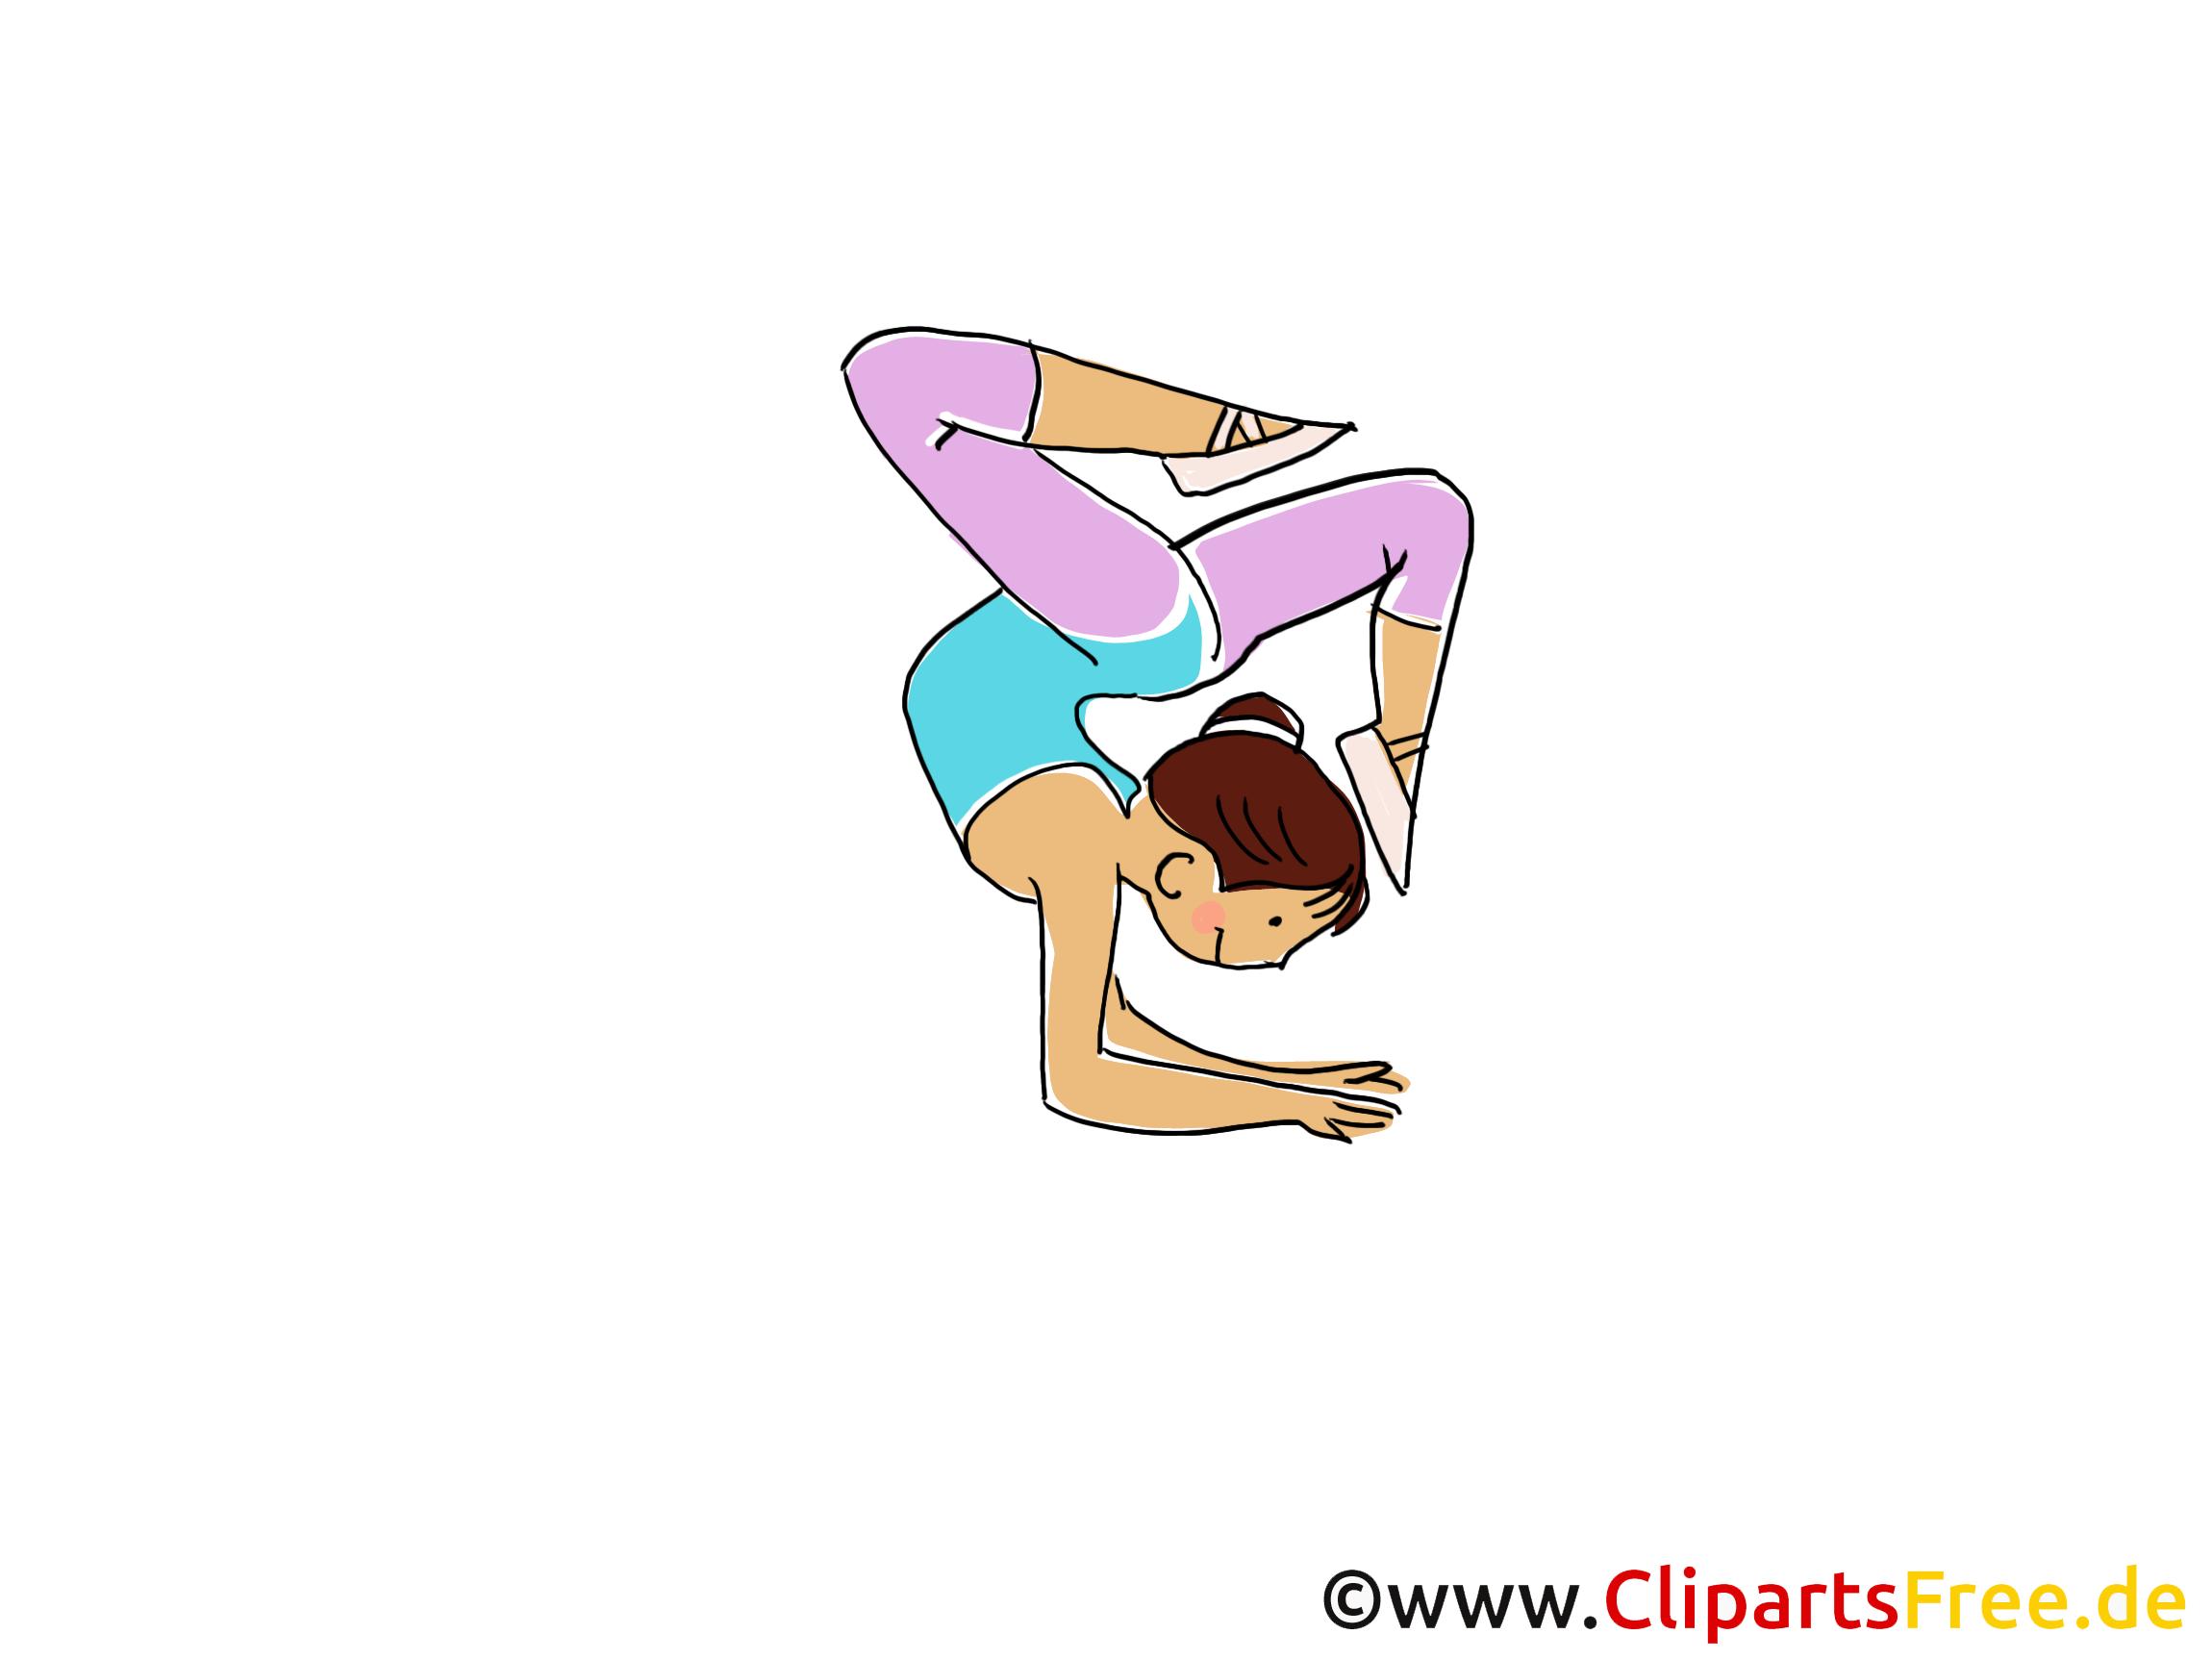 clipart gratuit sport course - photo #16